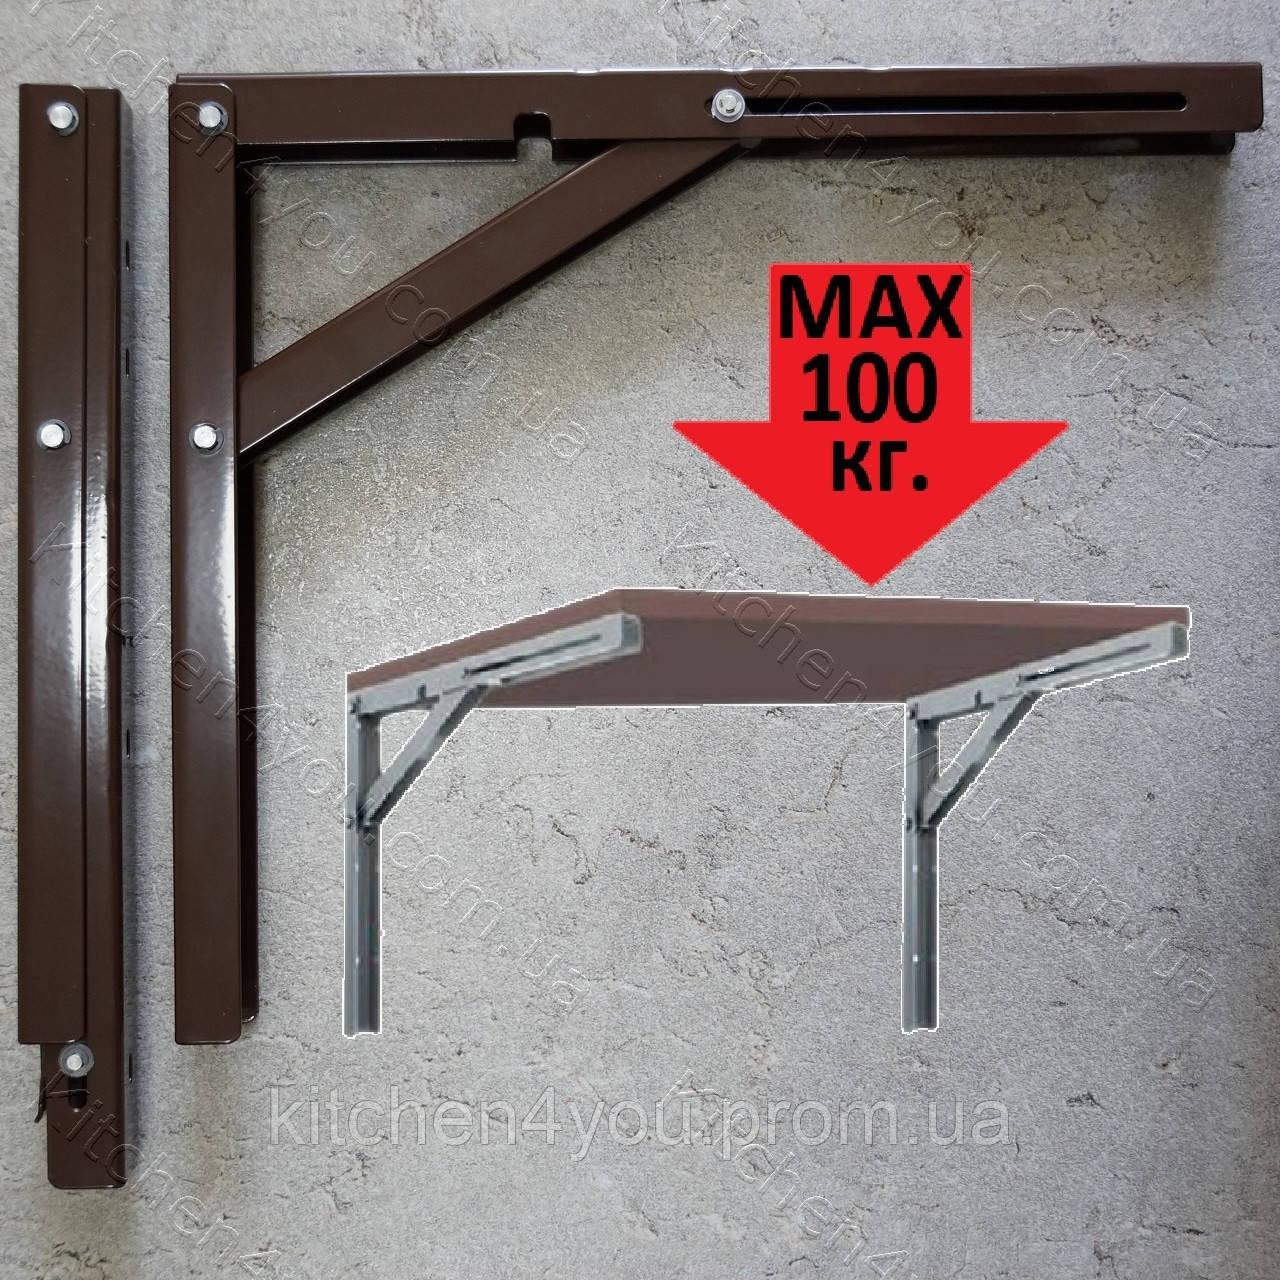 Консоль откидная 300 мм. коричневая, для раскладного стола.